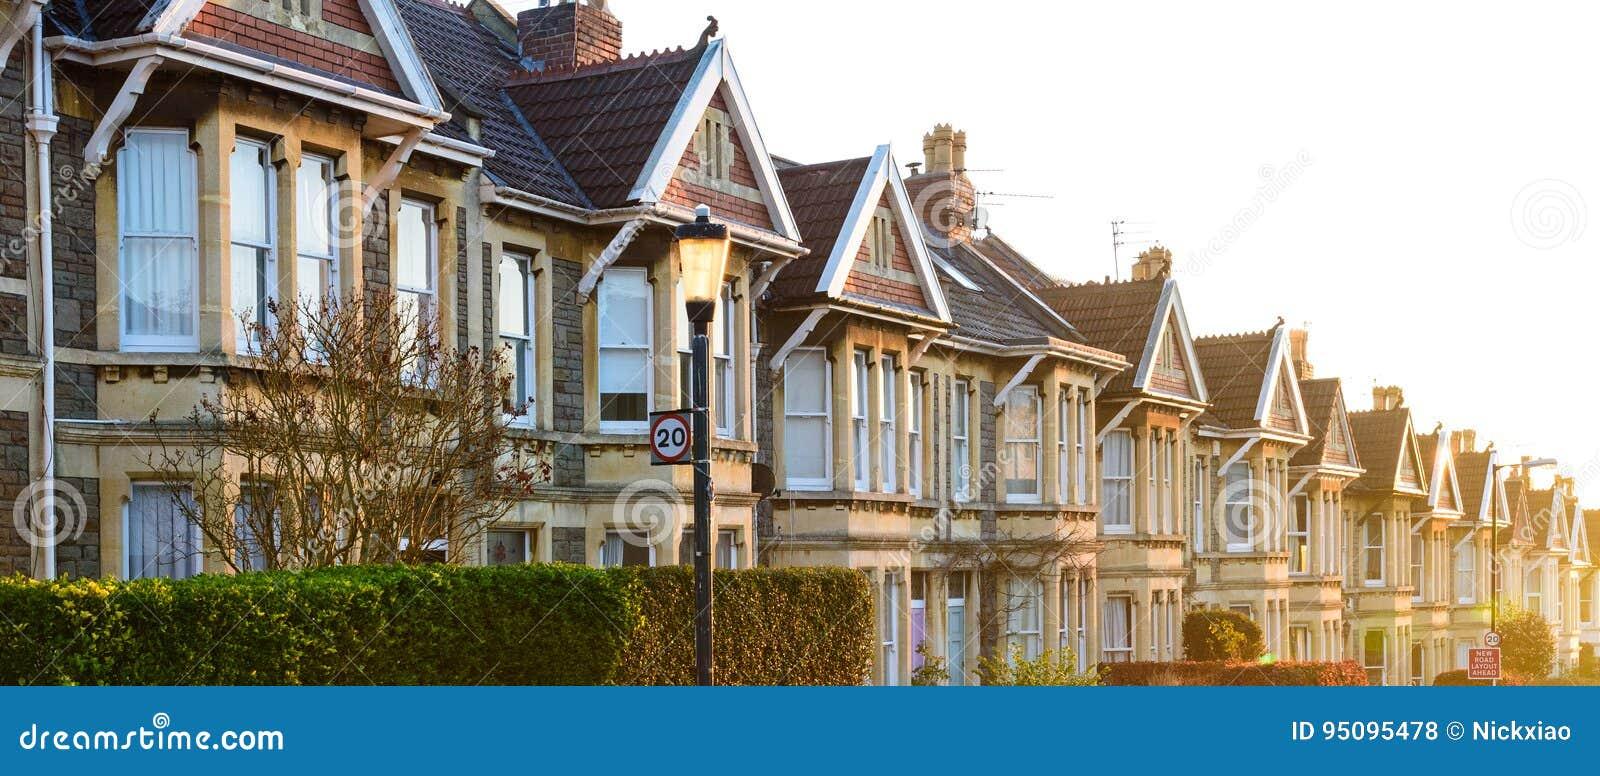 Типичные английские террасные дома в Бристоле на восходе солнца